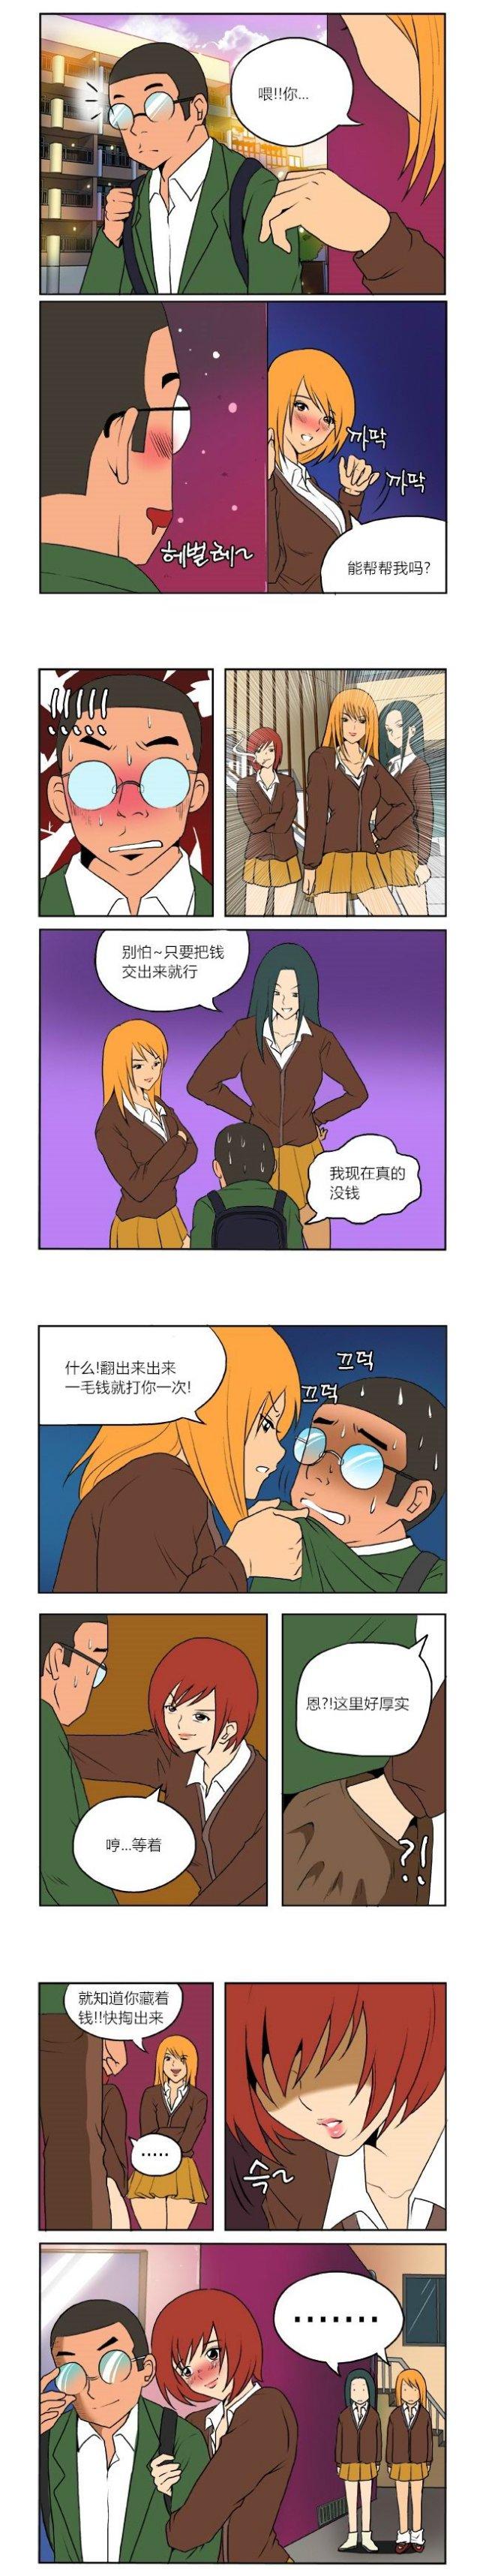 毒王漫画|帅哥的标准 温暖的咖啡 小太妹 深夜 h漫画 图4